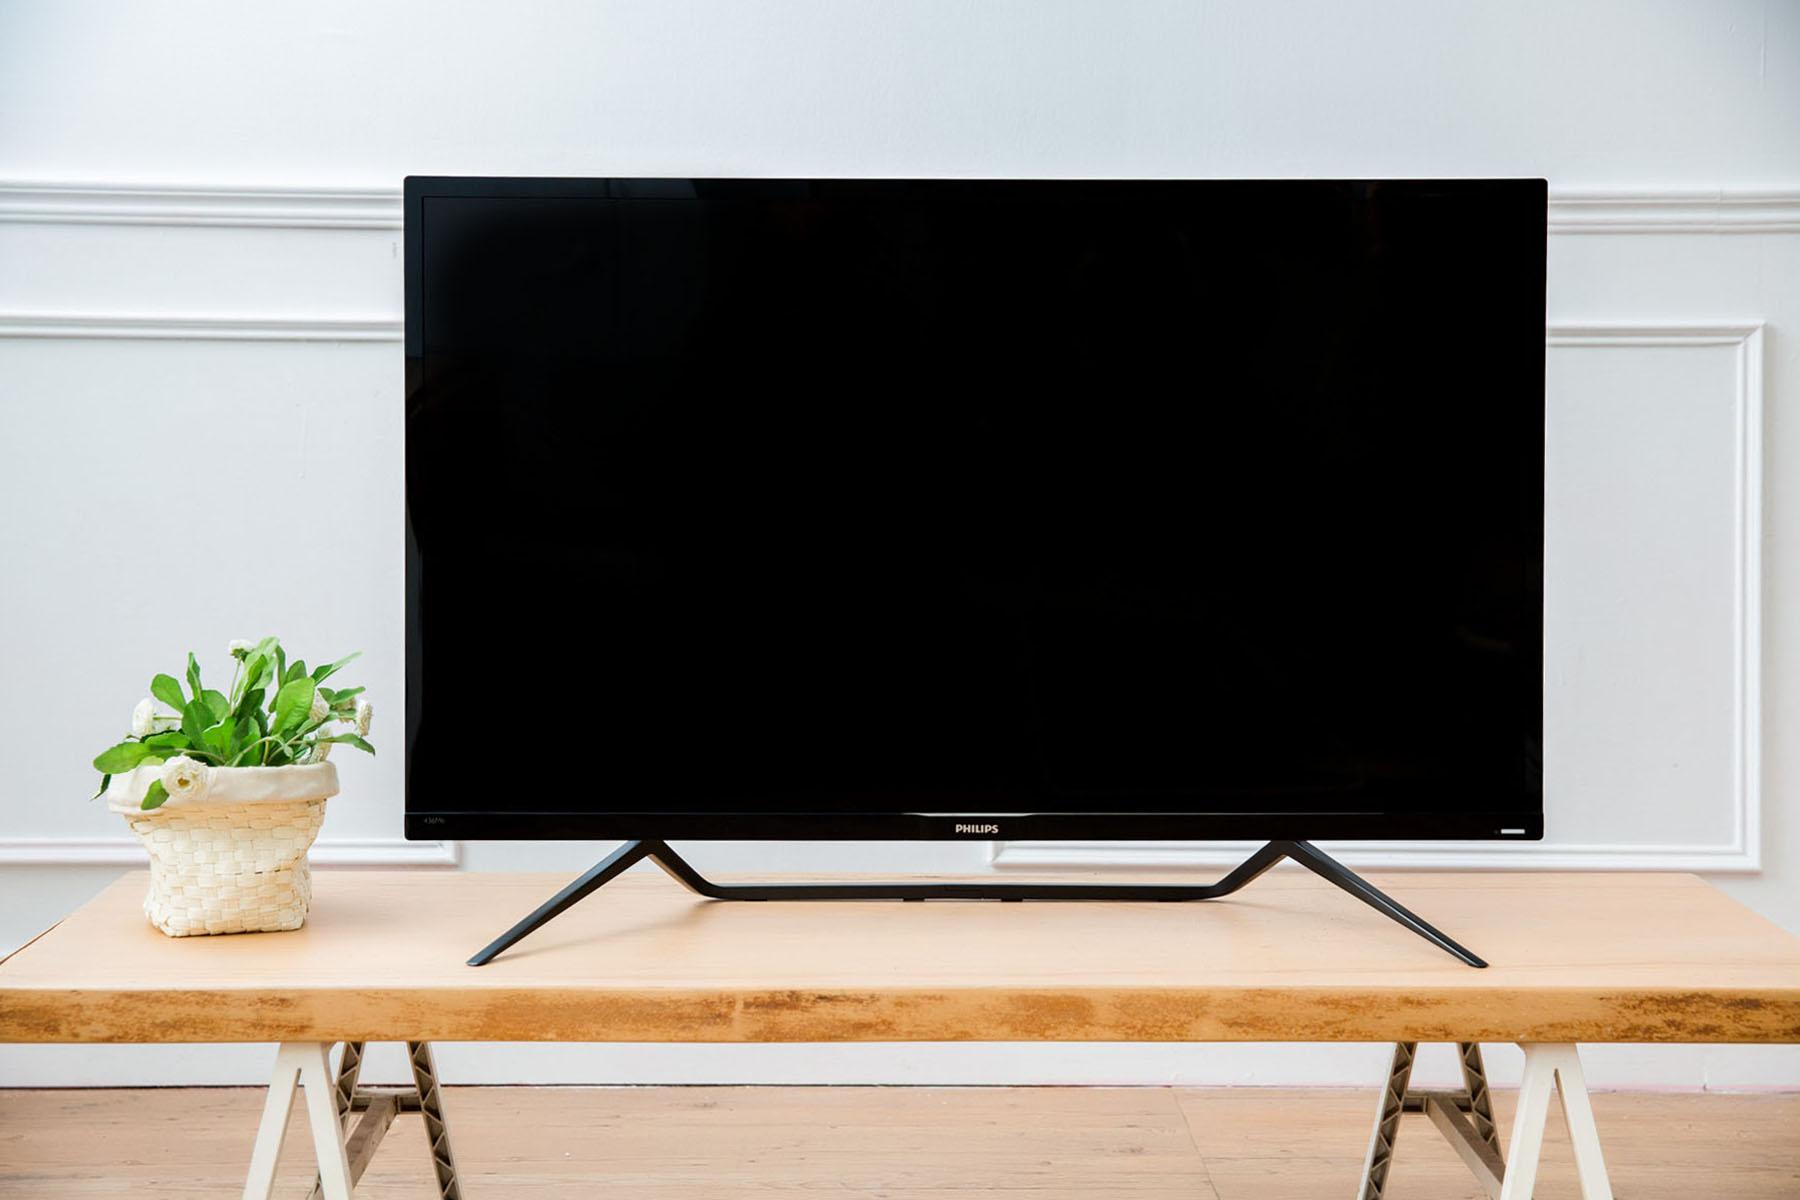 採用窄邊框設計,創造出更高屏佔比,是 436M6VBRAB 特色之一,而充滿科技感的外觀,則更彰顯產品本身的優越性。